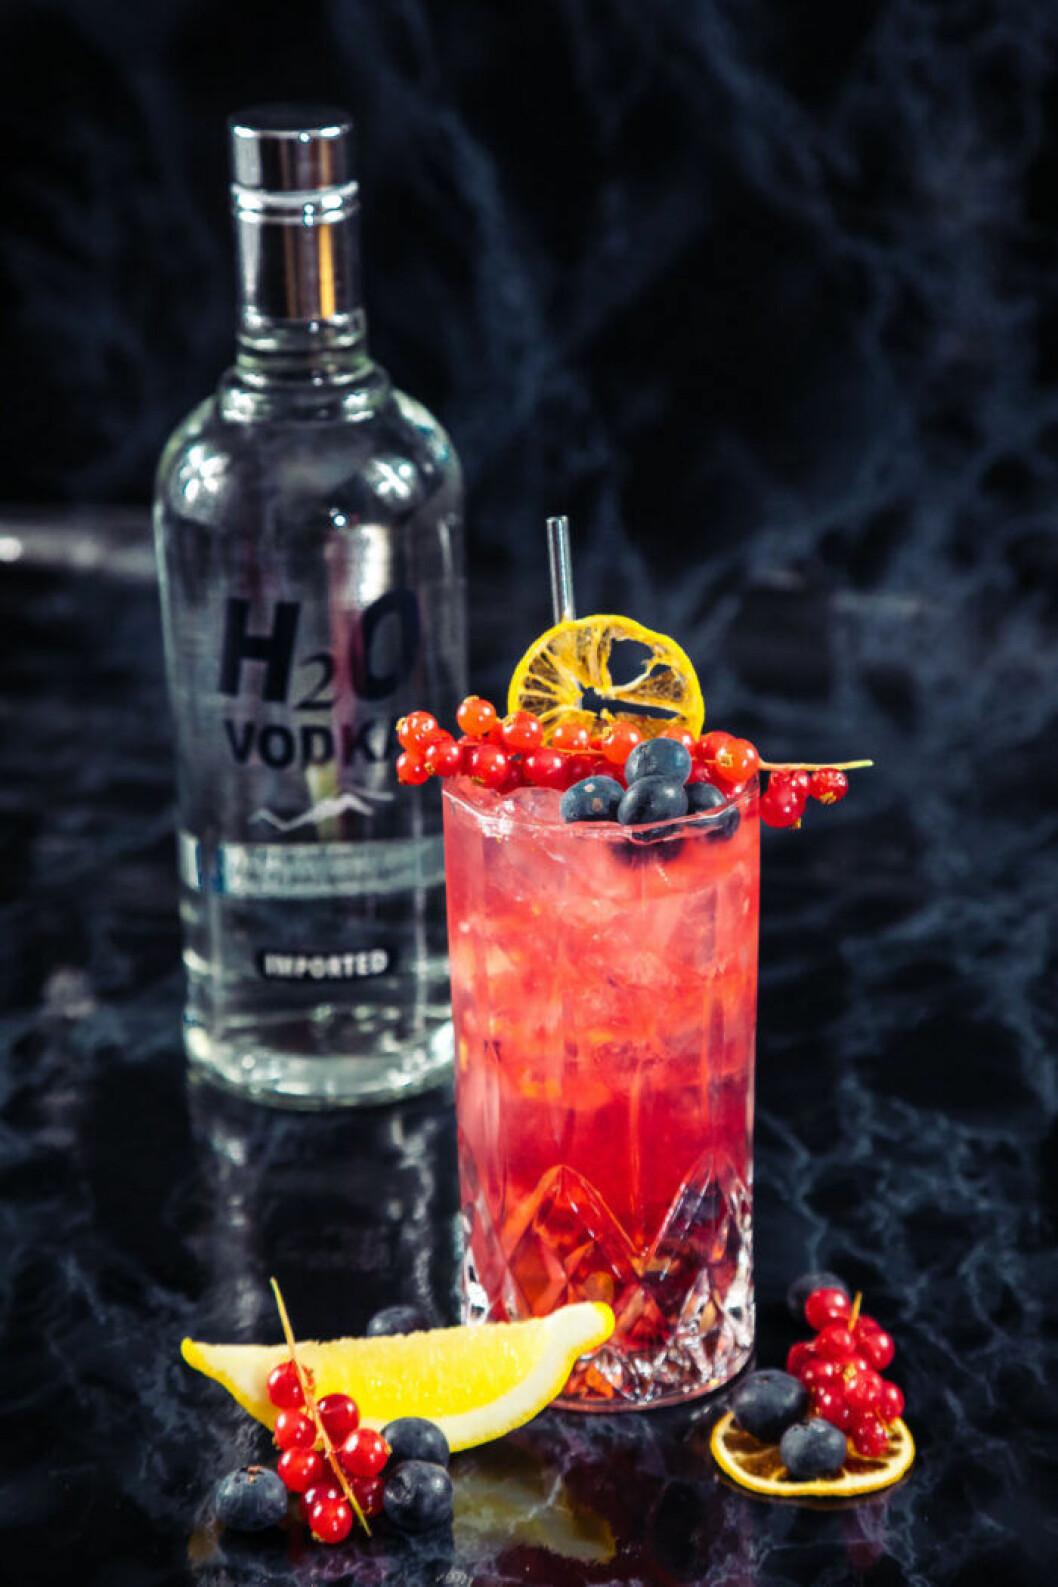 Bärig vodkadrink med blåbär.